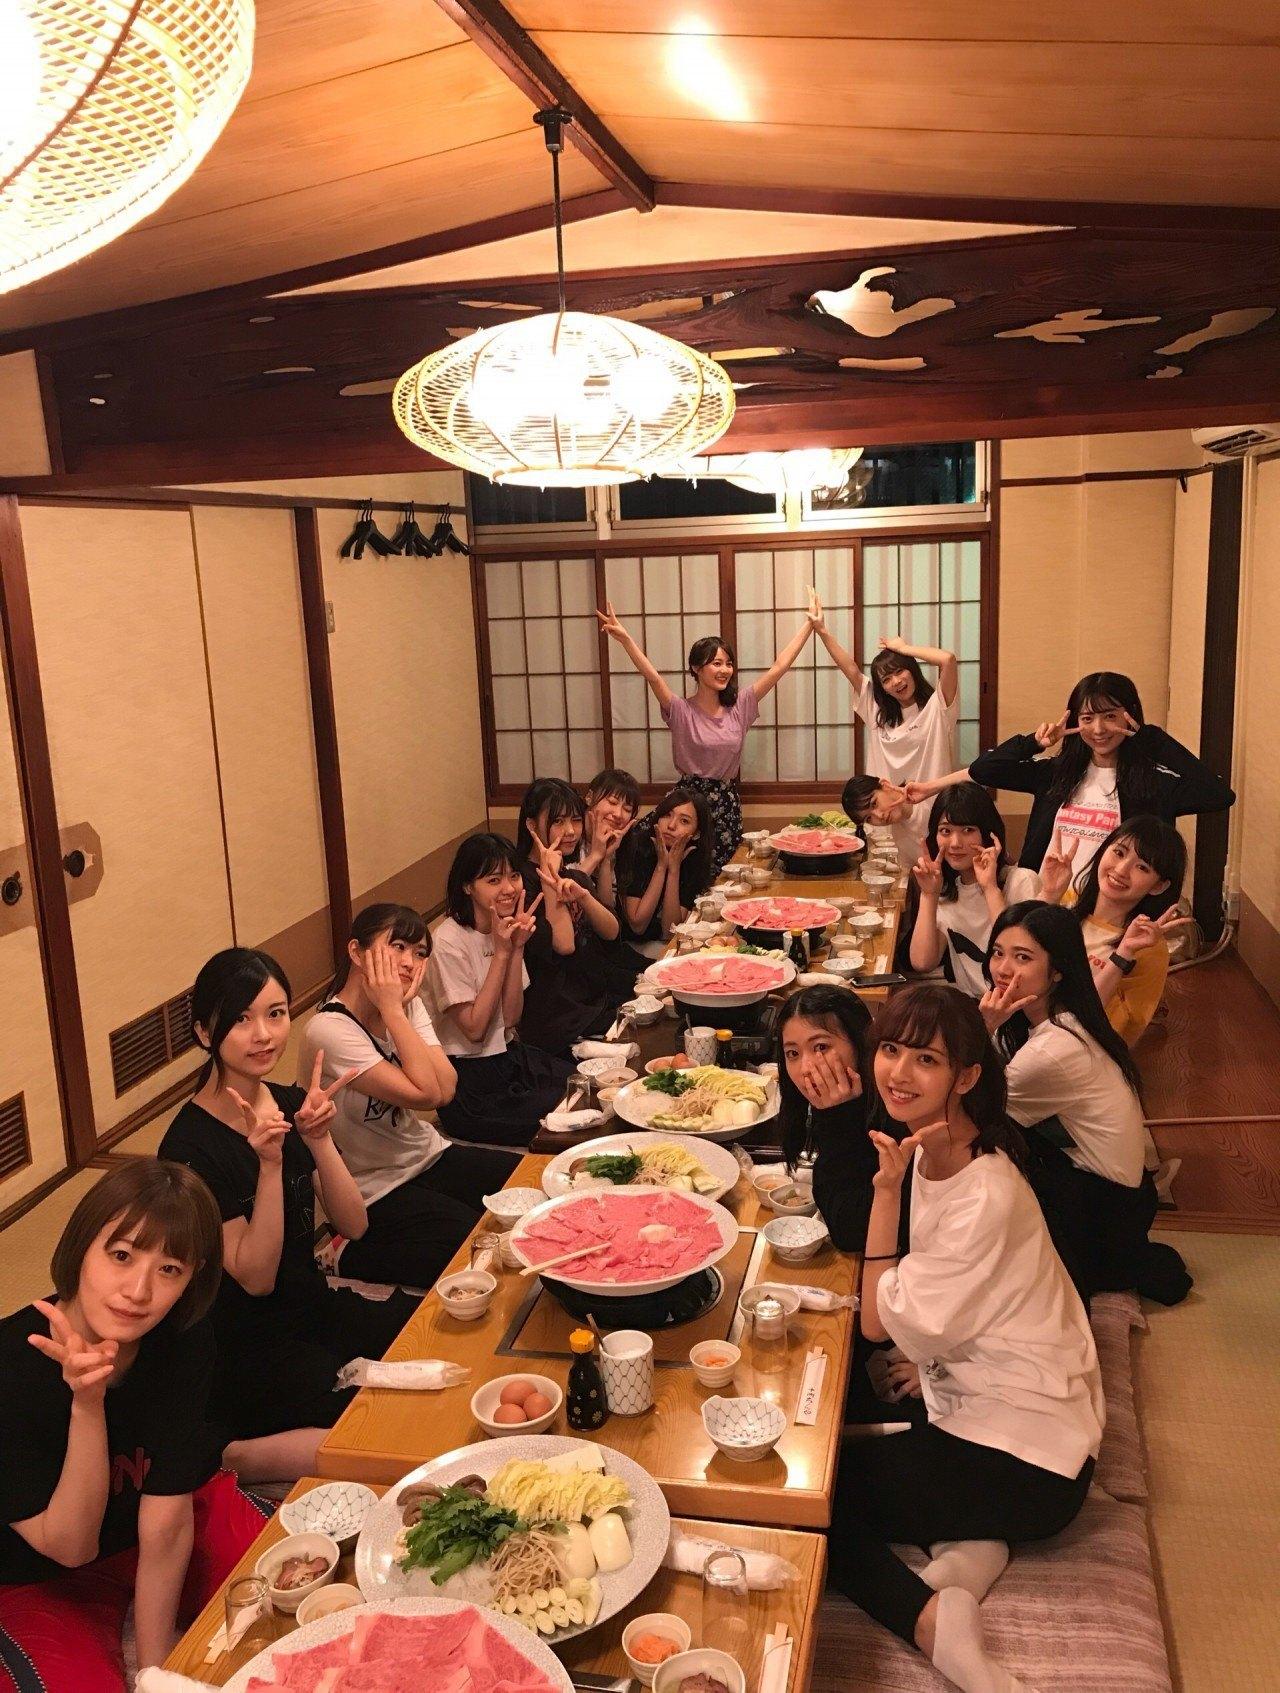 伊藤かりんブログ「第380話 ご飯会の報告。福岡編。」すき焼き!